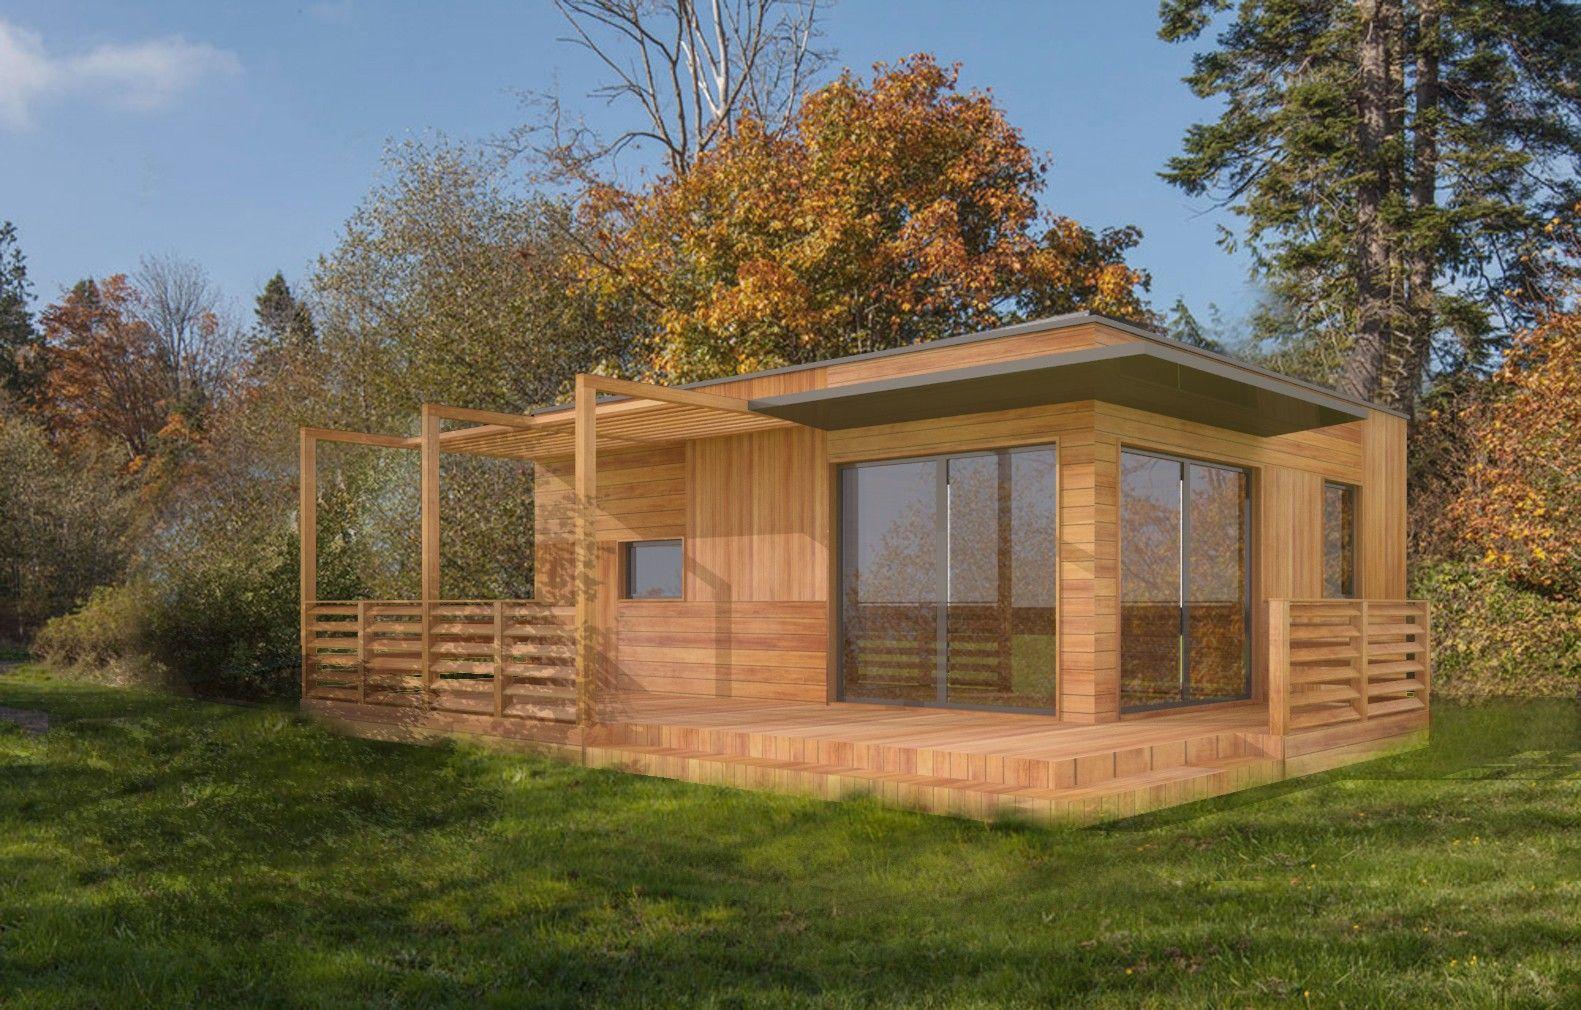 Plan Studio 35M2 Clé En Main | Chalet En Bois Habitable ... intérieur Abri De Jardin 30M2